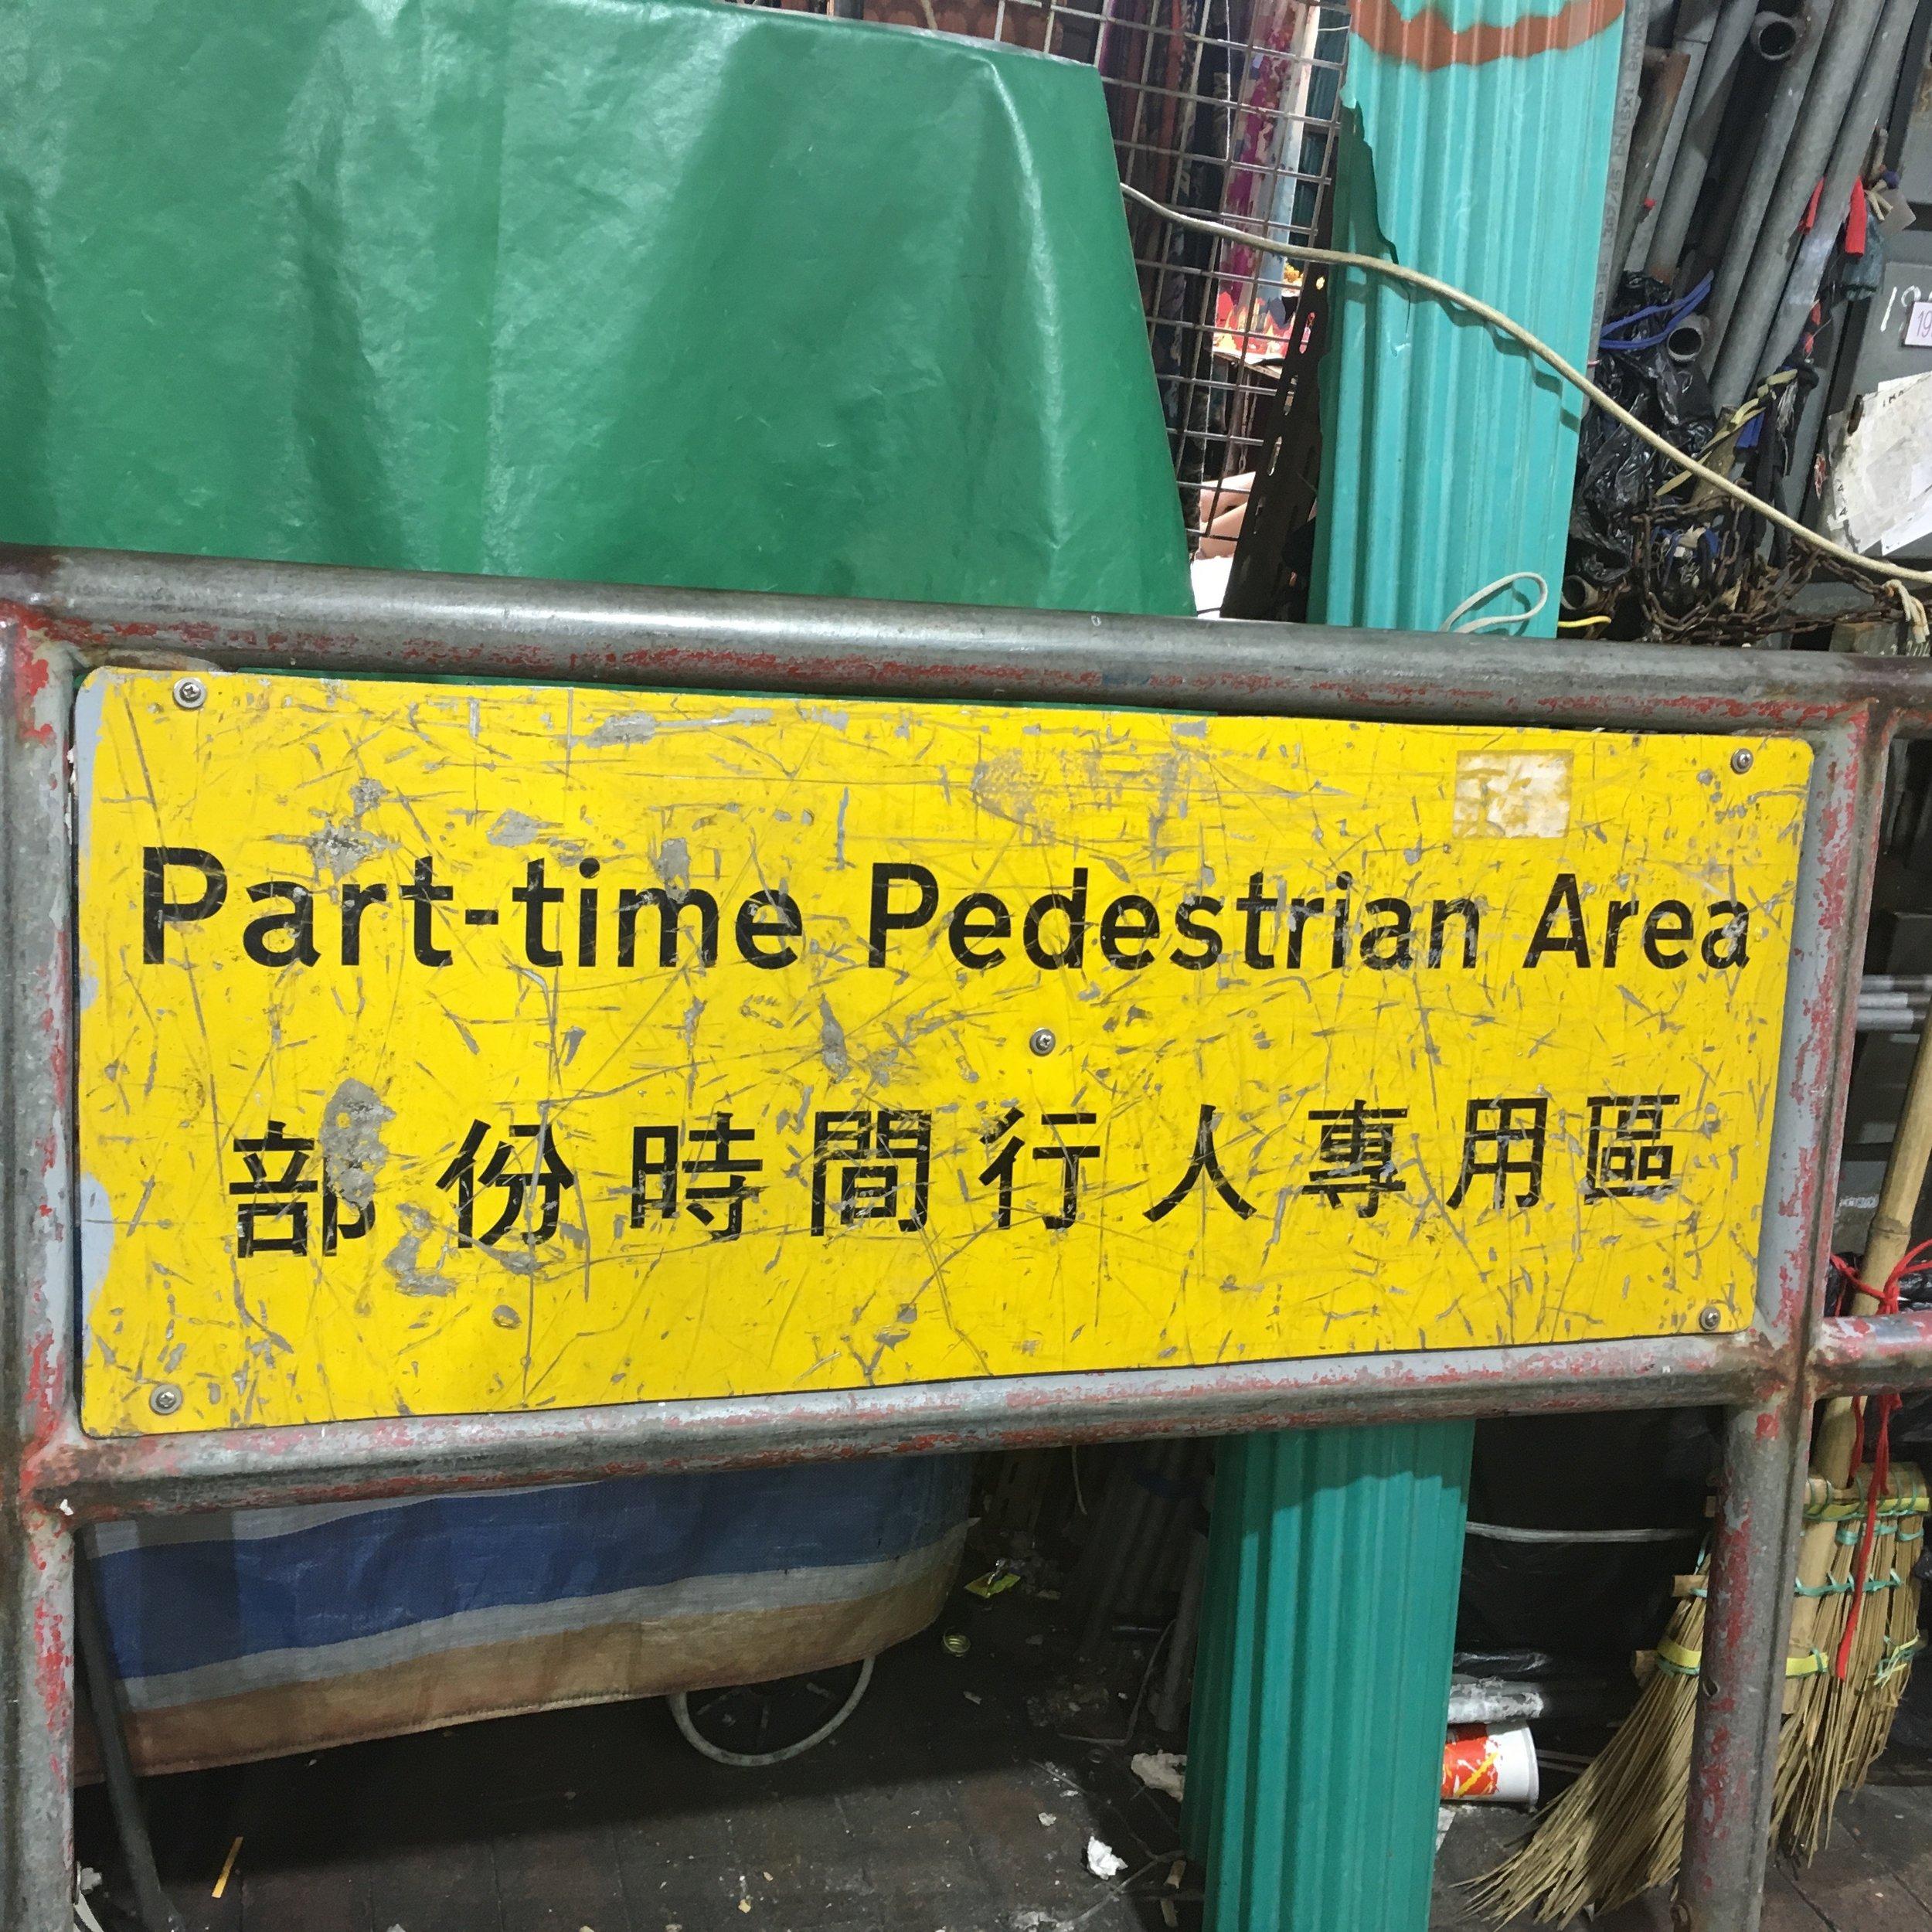 Funny signs in China: Hong Kong